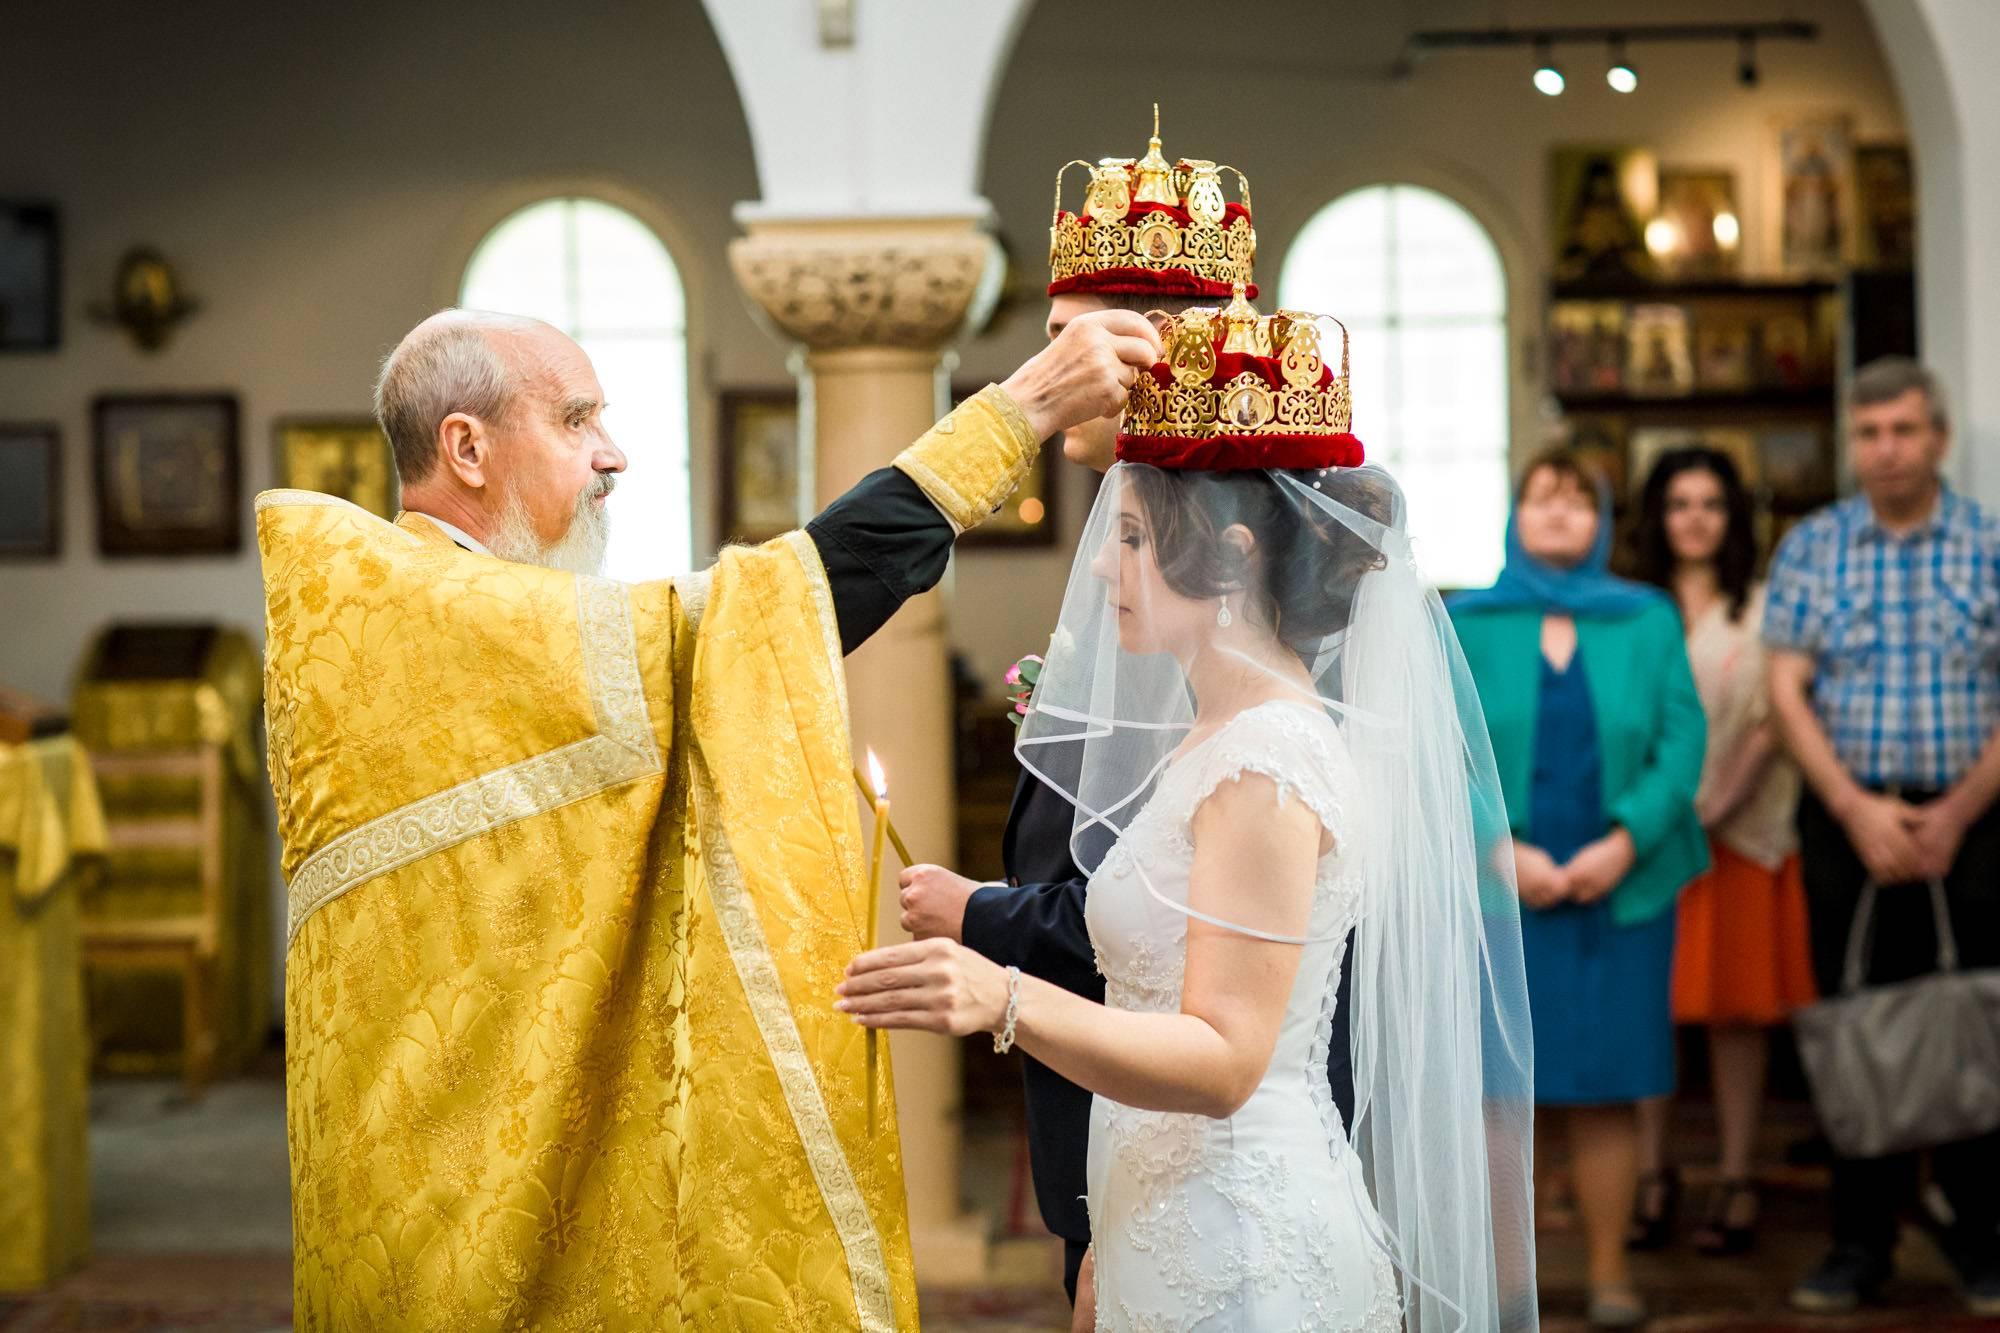 Свадебные приметы и суеверия: для невесты, для жениха, для родителей, для гостей, для свидетелей